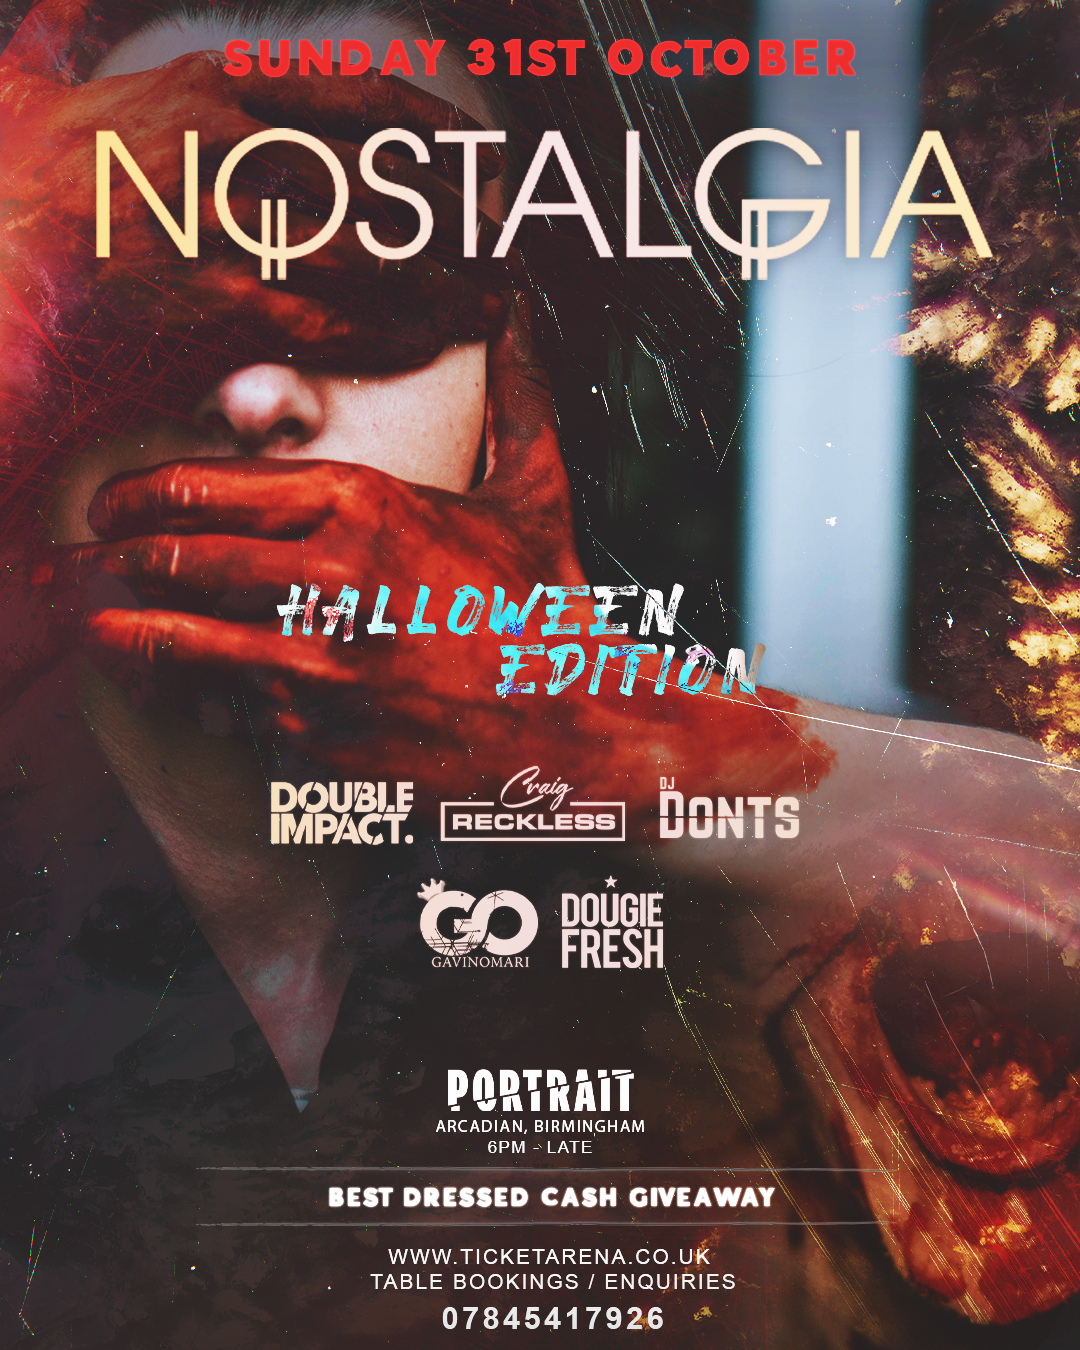 NOSTALGIA (Halloween Edition)